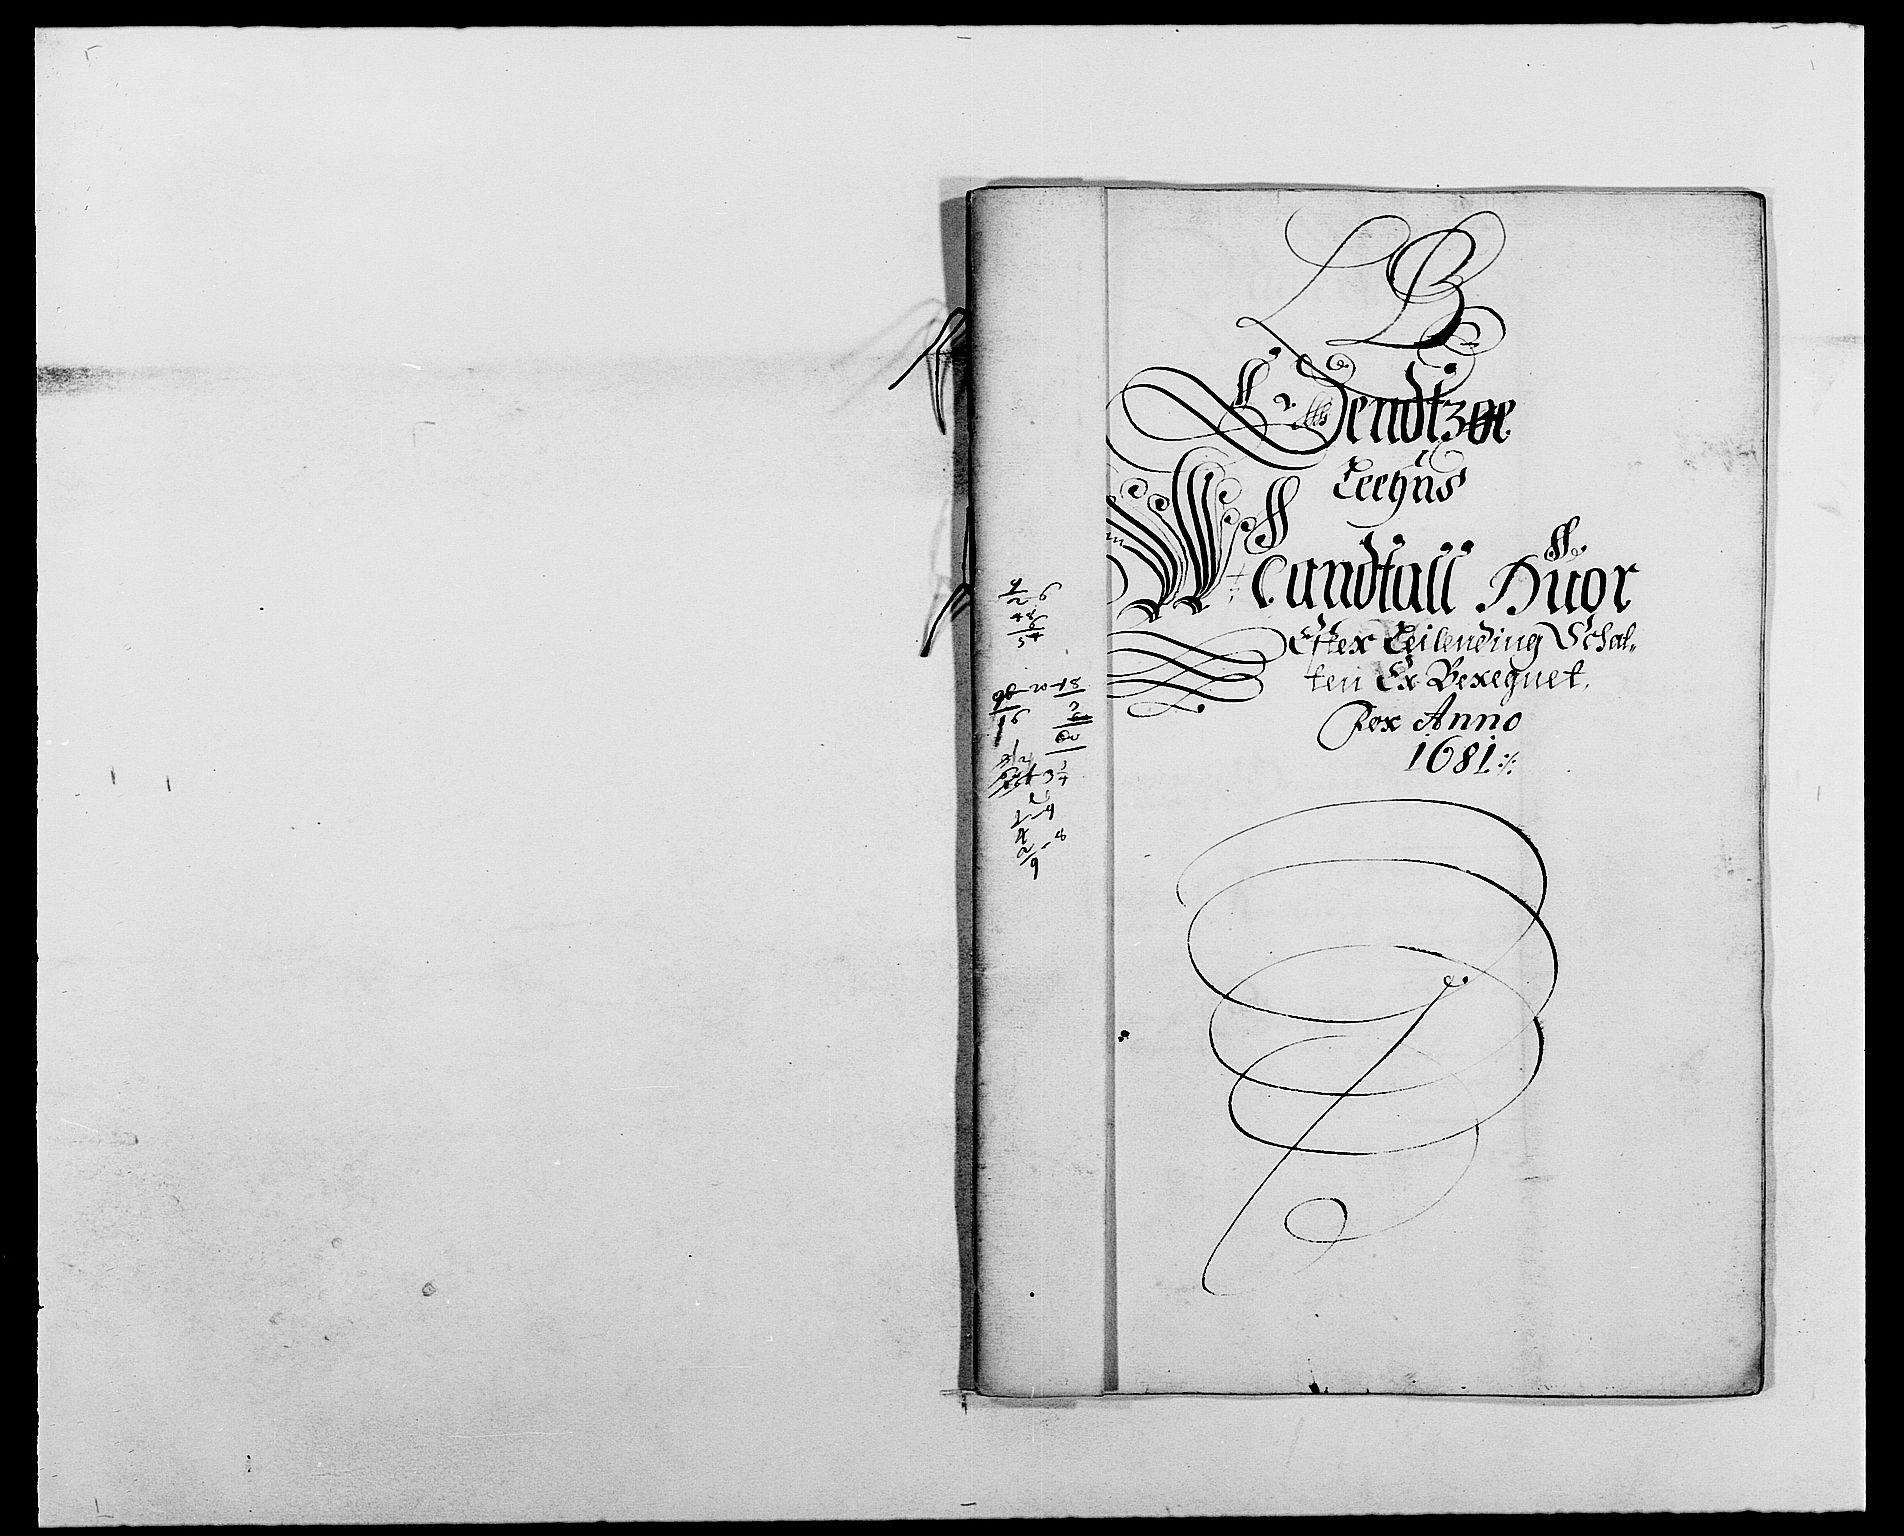 RA, Rentekammeret inntil 1814, Reviderte regnskaper, Fogderegnskap, R03/L0112: Fogderegnskap Onsøy, Tune, Veme og Åbygge fogderi, 1681-1683, s. 30